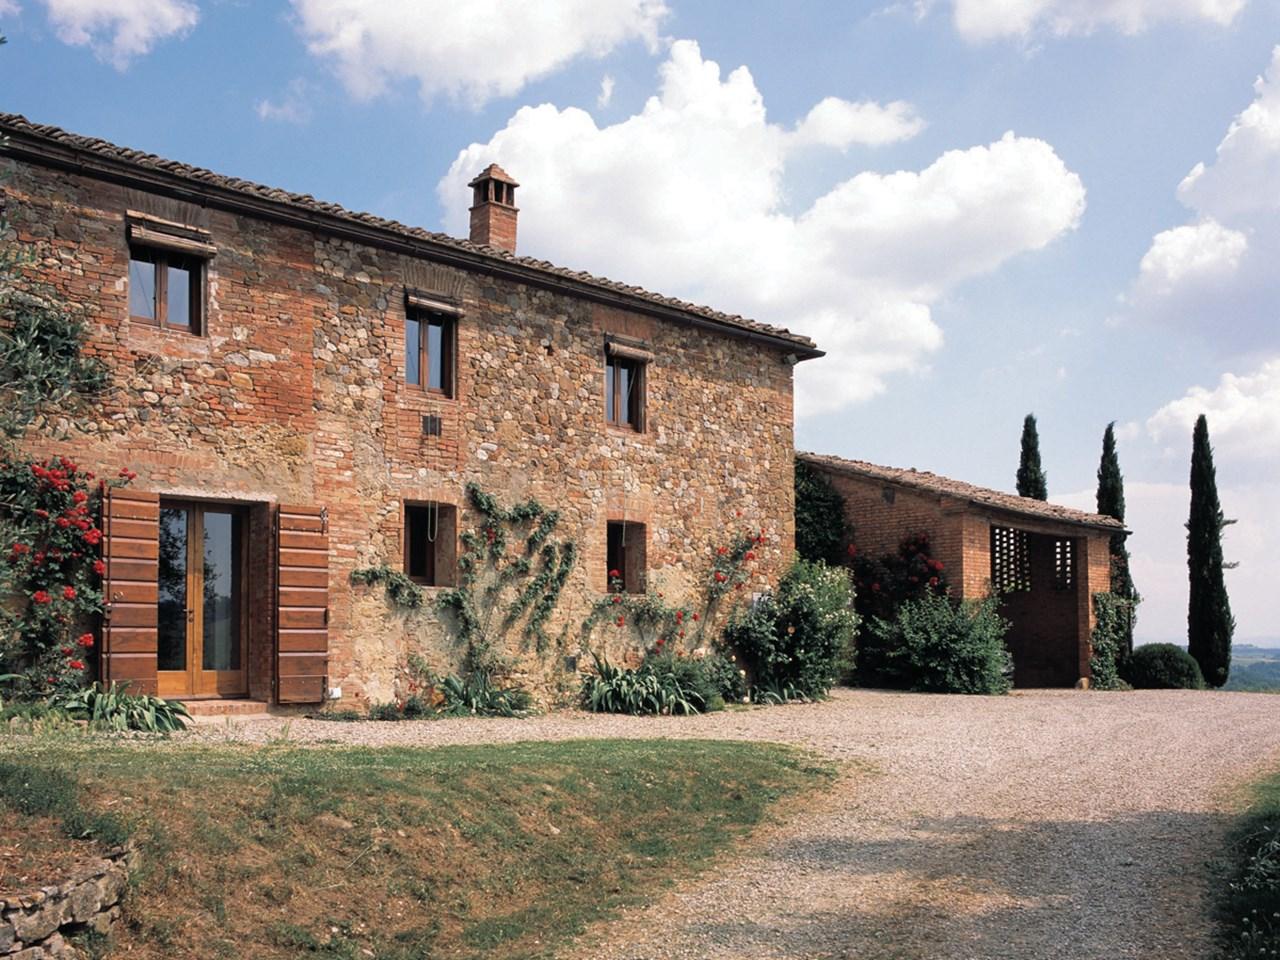 WIMCO Villas, BRV CLO, Italy, Tuscany/Siena, 5 bedrooms, 5.5 bathrooms